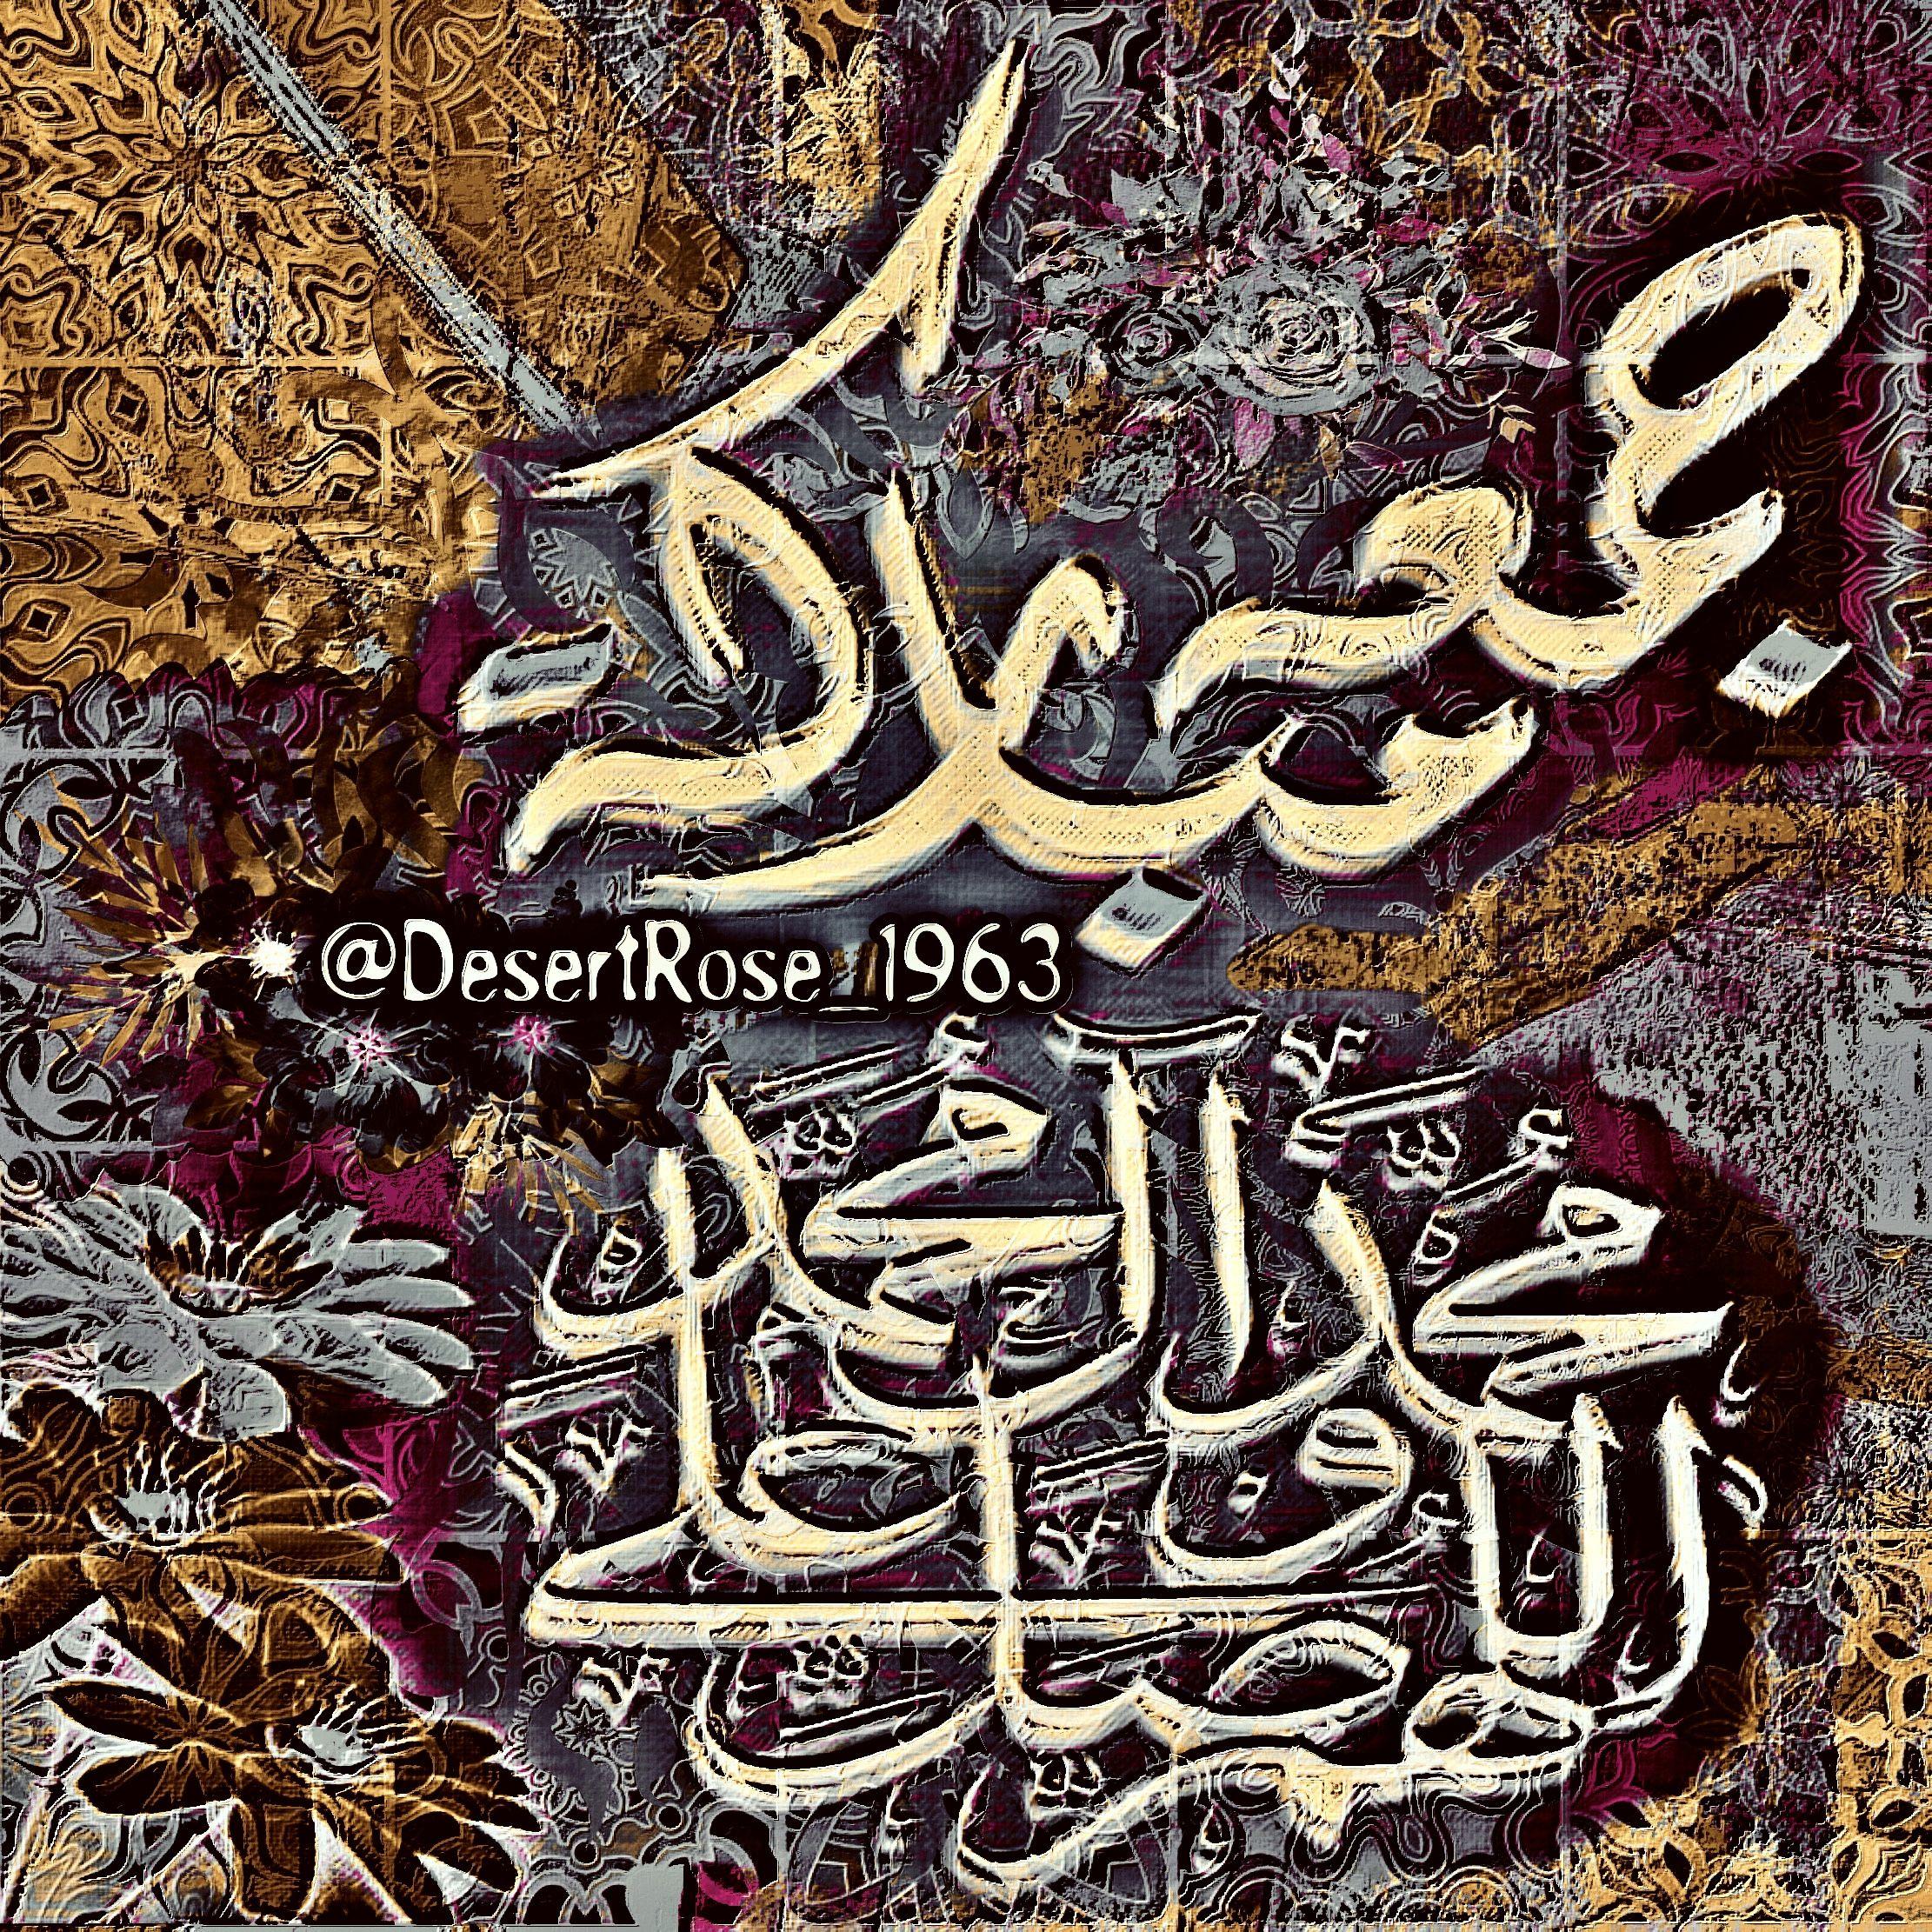 طابت جمعتكم بذكر الله والصلاة والسلام على رسول الله Arabic Calligraphy Calligraphy